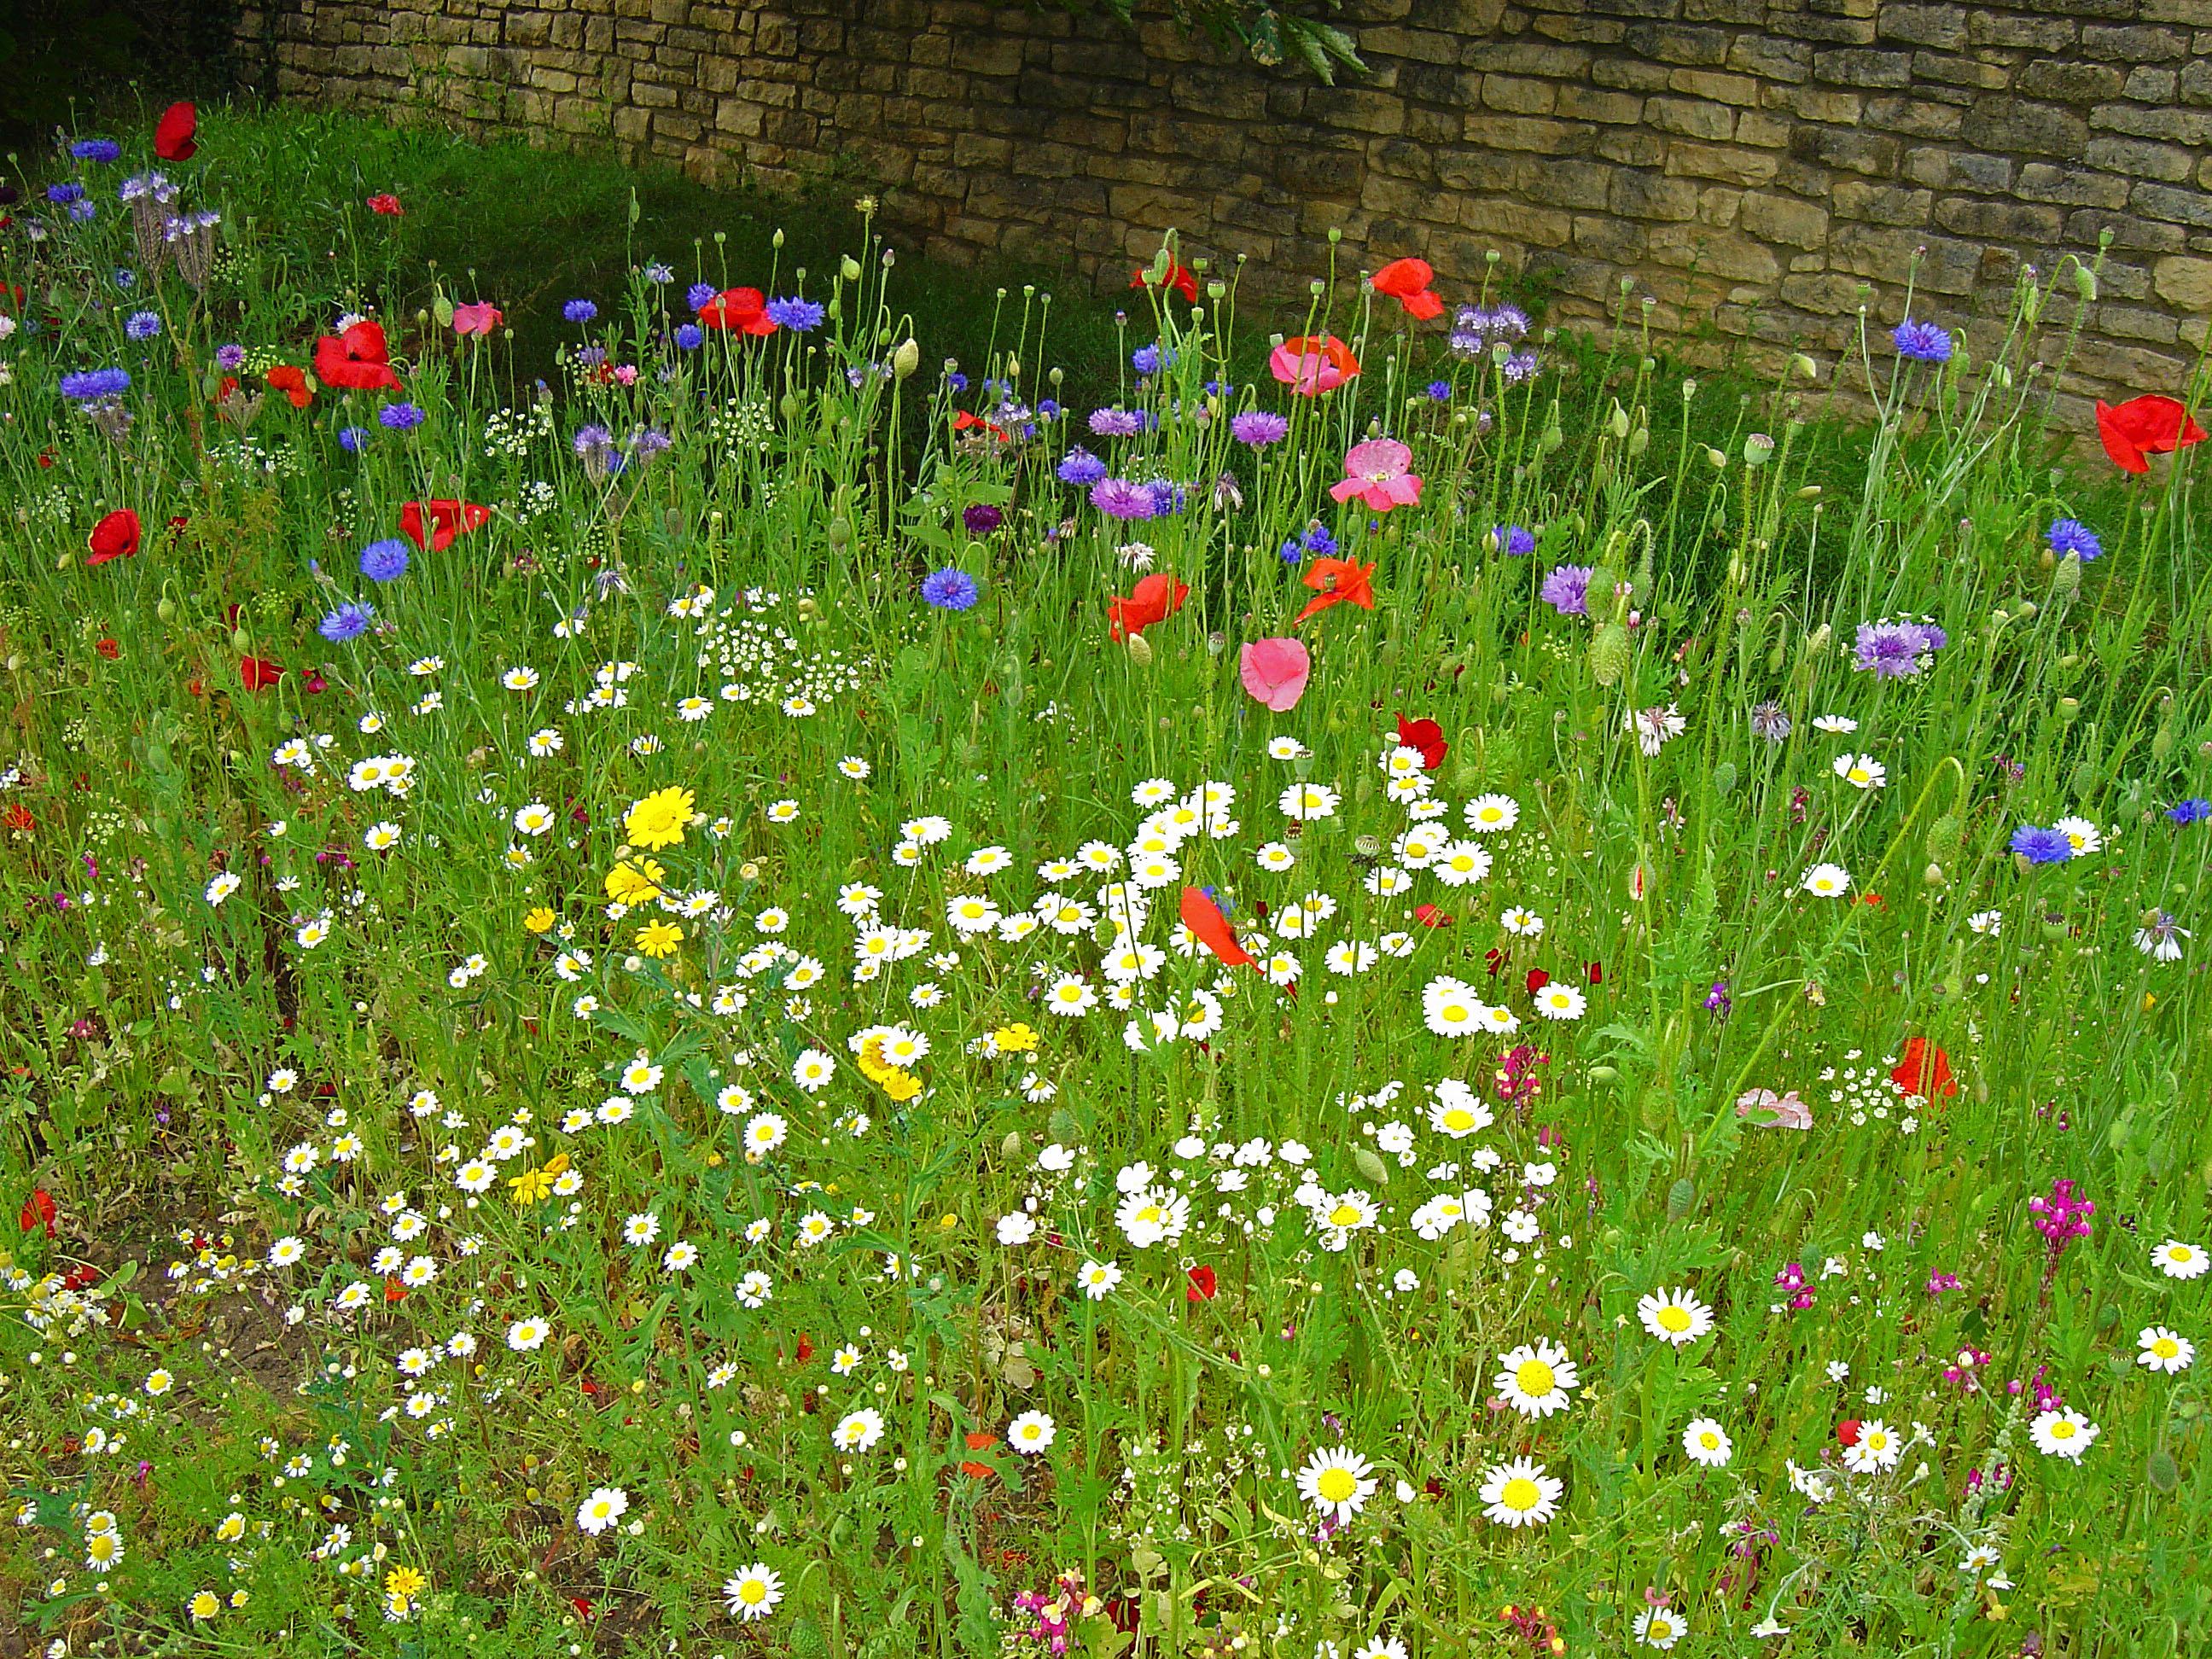 Garden Design Garden Design With Another Small Wildflower Garden - Wild flower garden